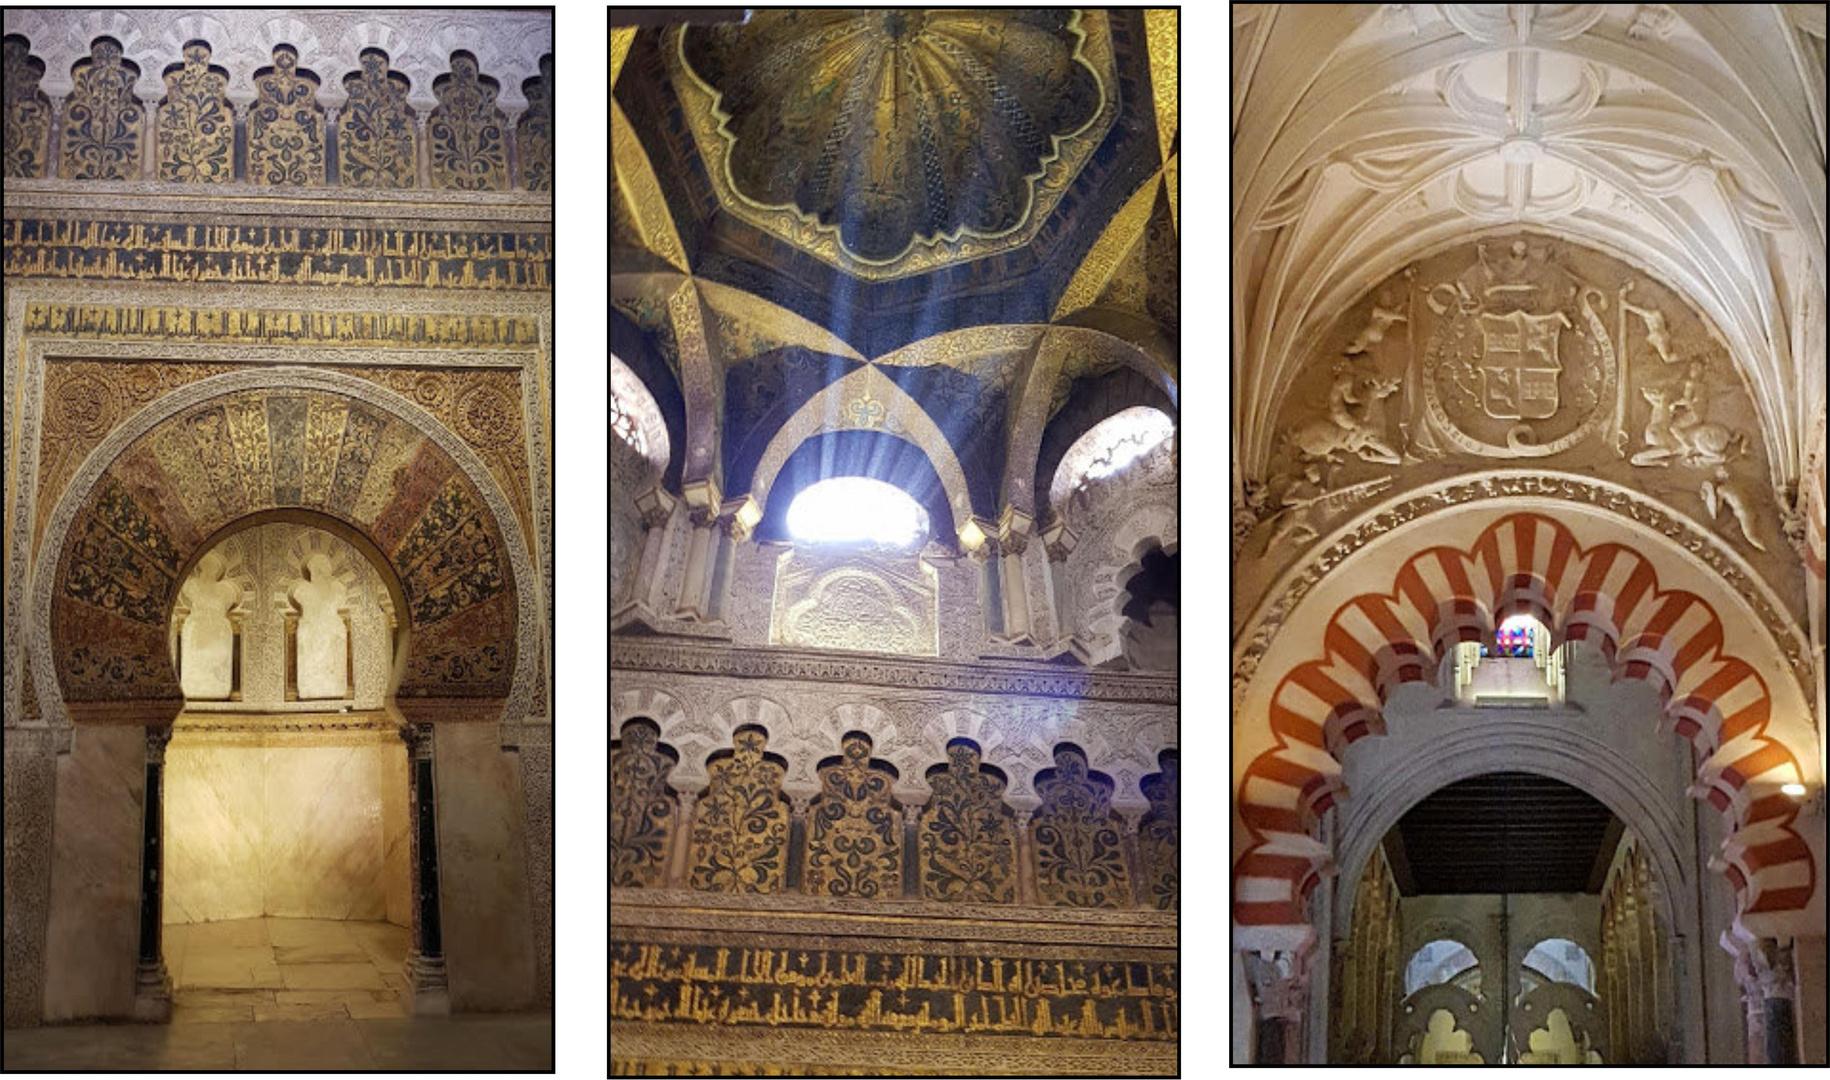 Die Mezquita - eines der bedeutendsten Monumente in Spanien.